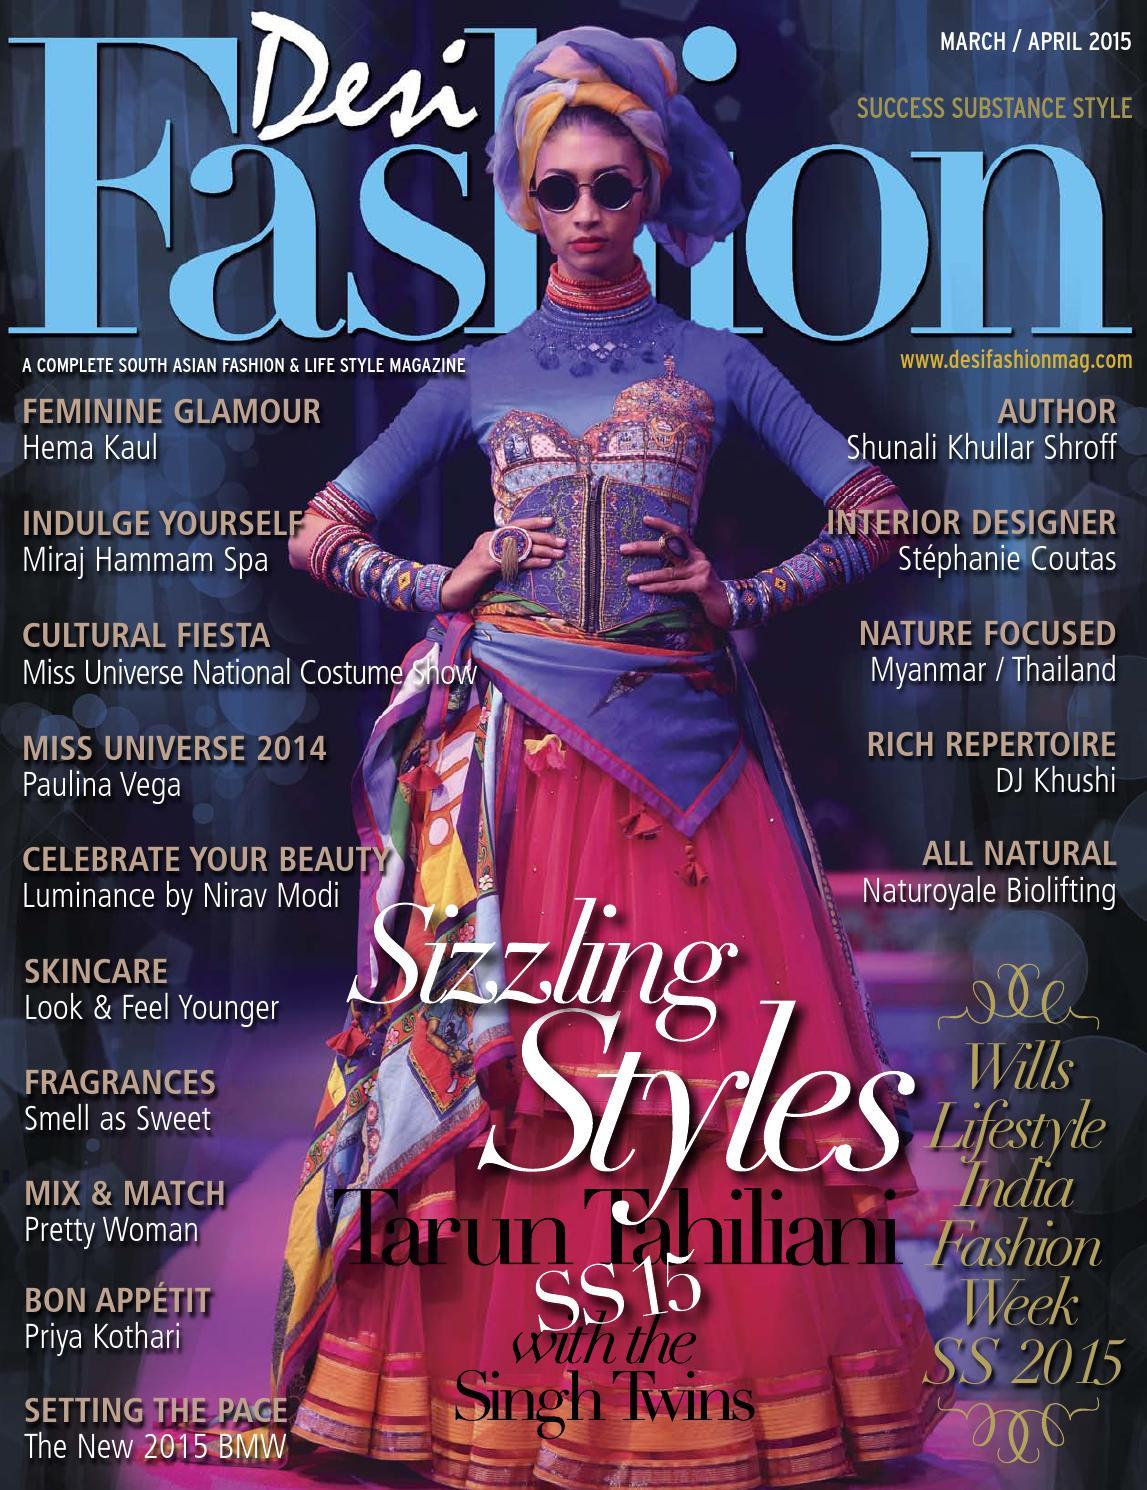 Desi Fashion Magazine March/April 2015 www desifashionmag com by